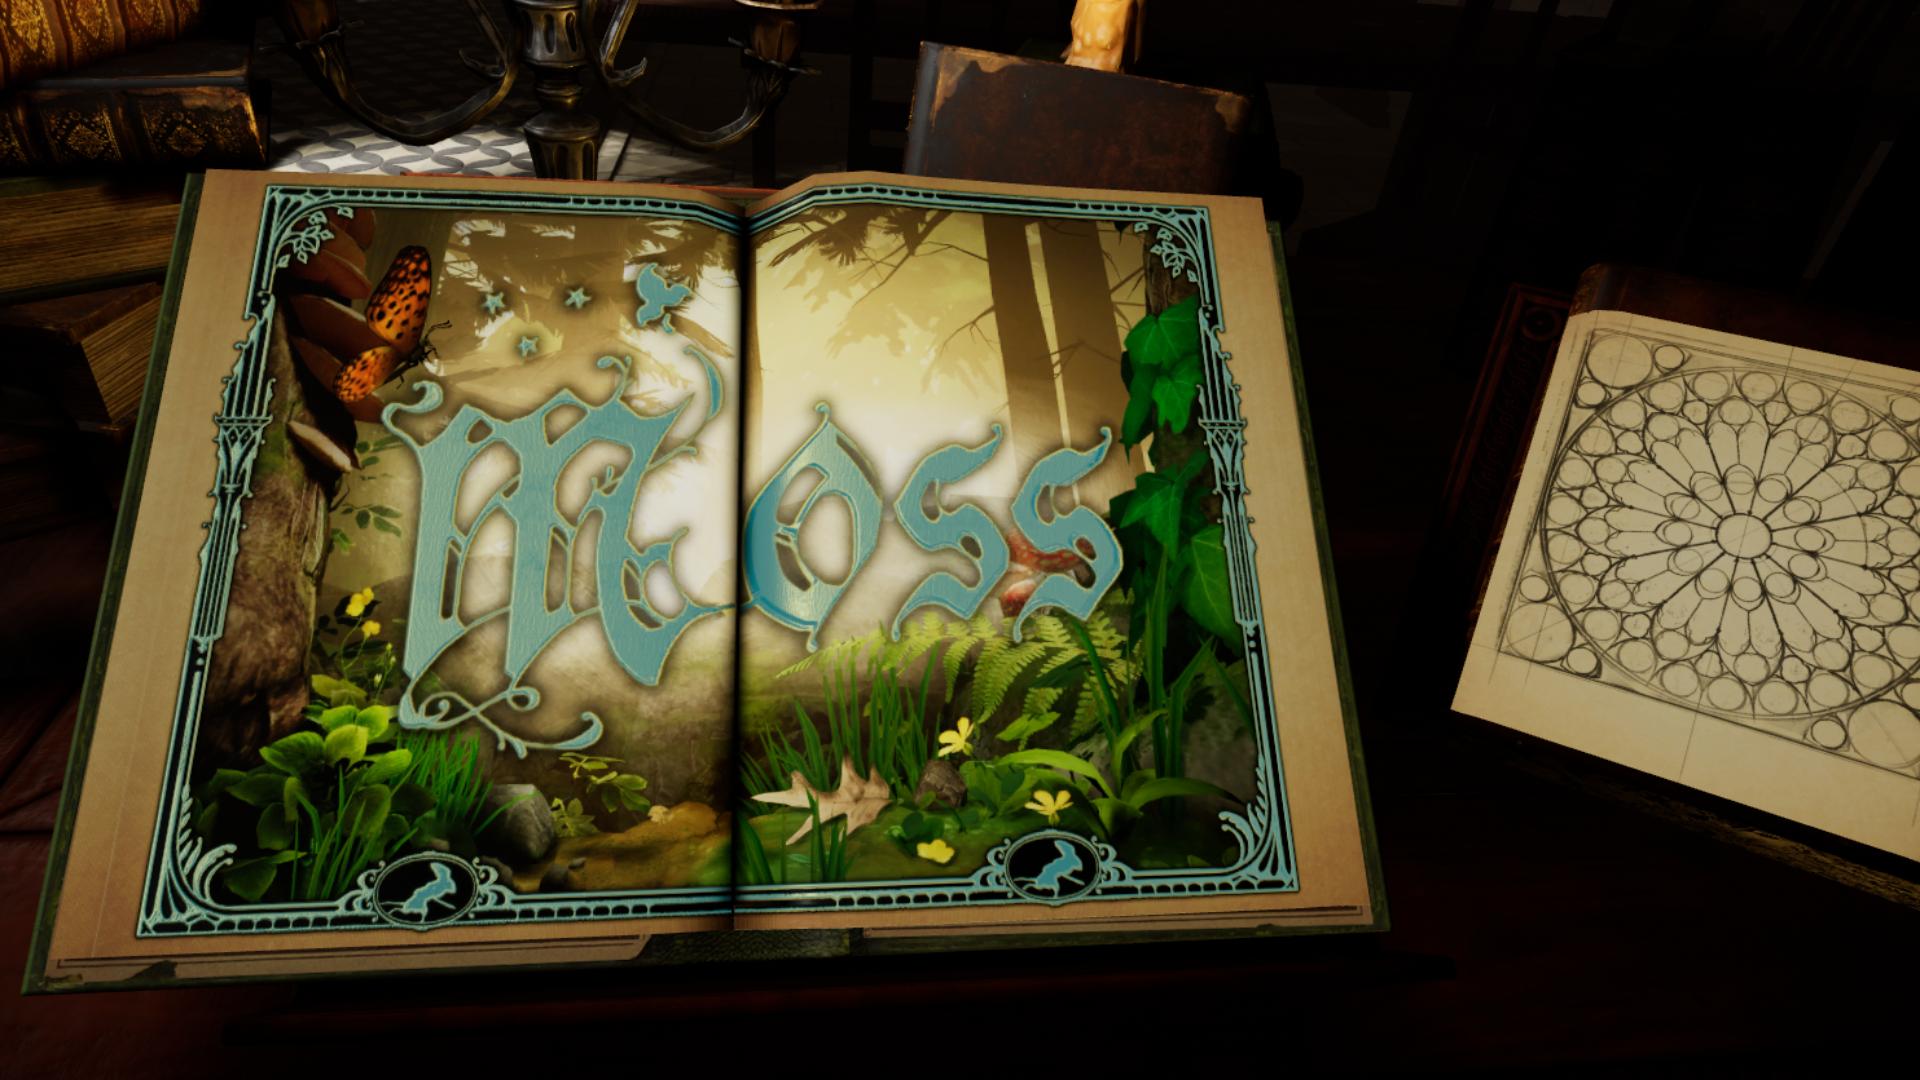 VRゲーム【Moss】感想レビュー《ネタバレあり》